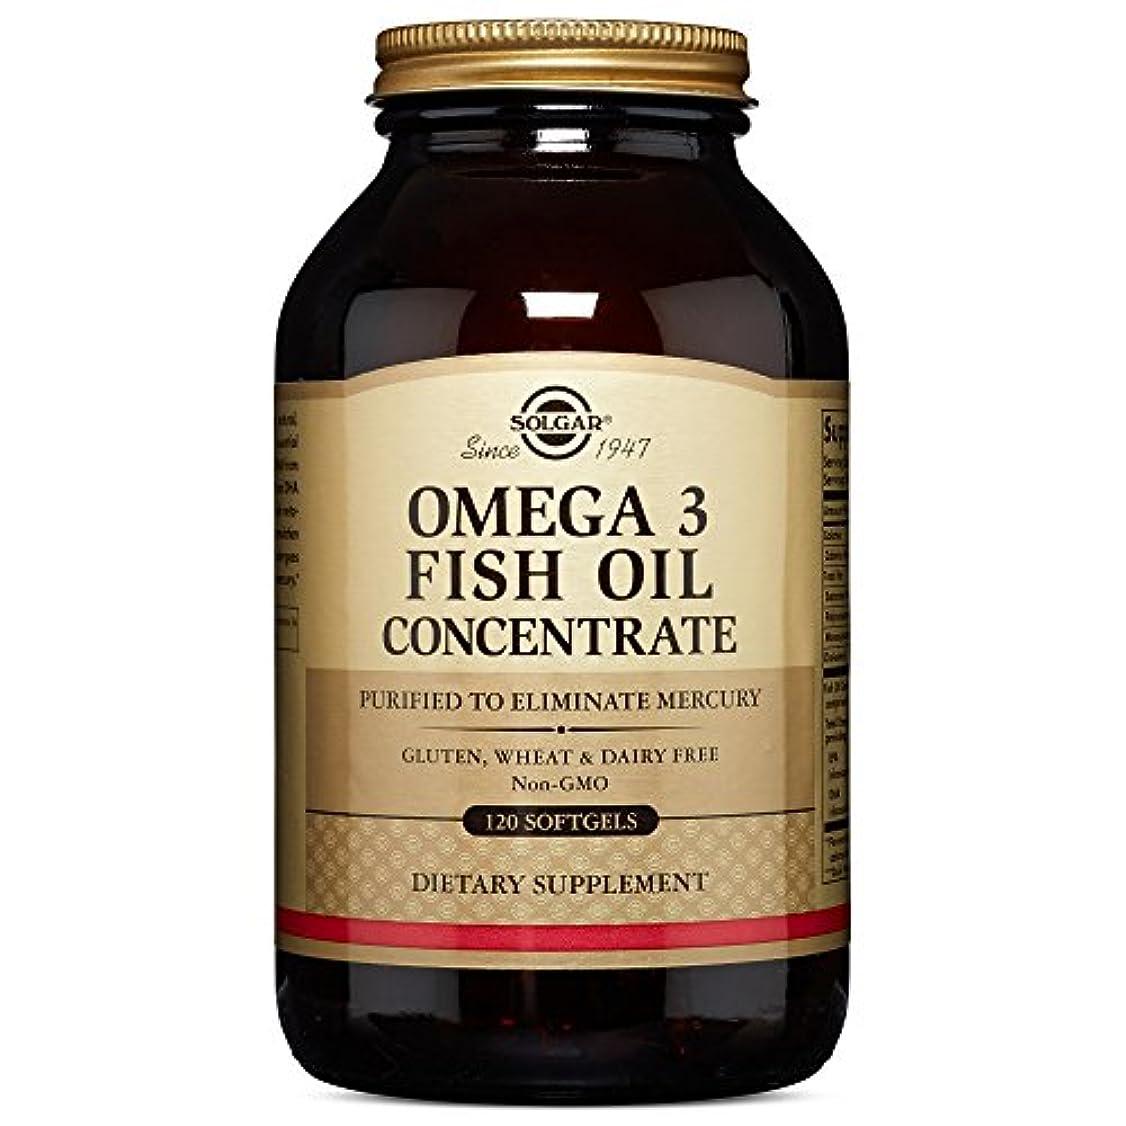 悪名高い行う形OMEGA3 FISHOIL Concentrate オメガ3 濃縮魚油 120 softgel (120ソフトジェル)